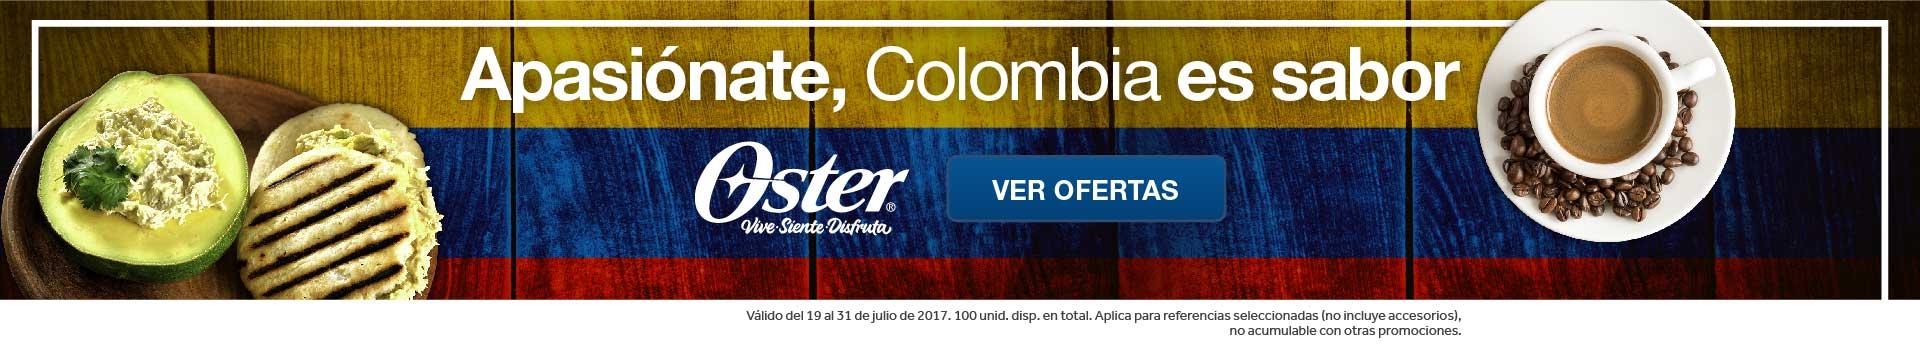 HIPER - Pauta OSTER Colombia es sabor - jul19